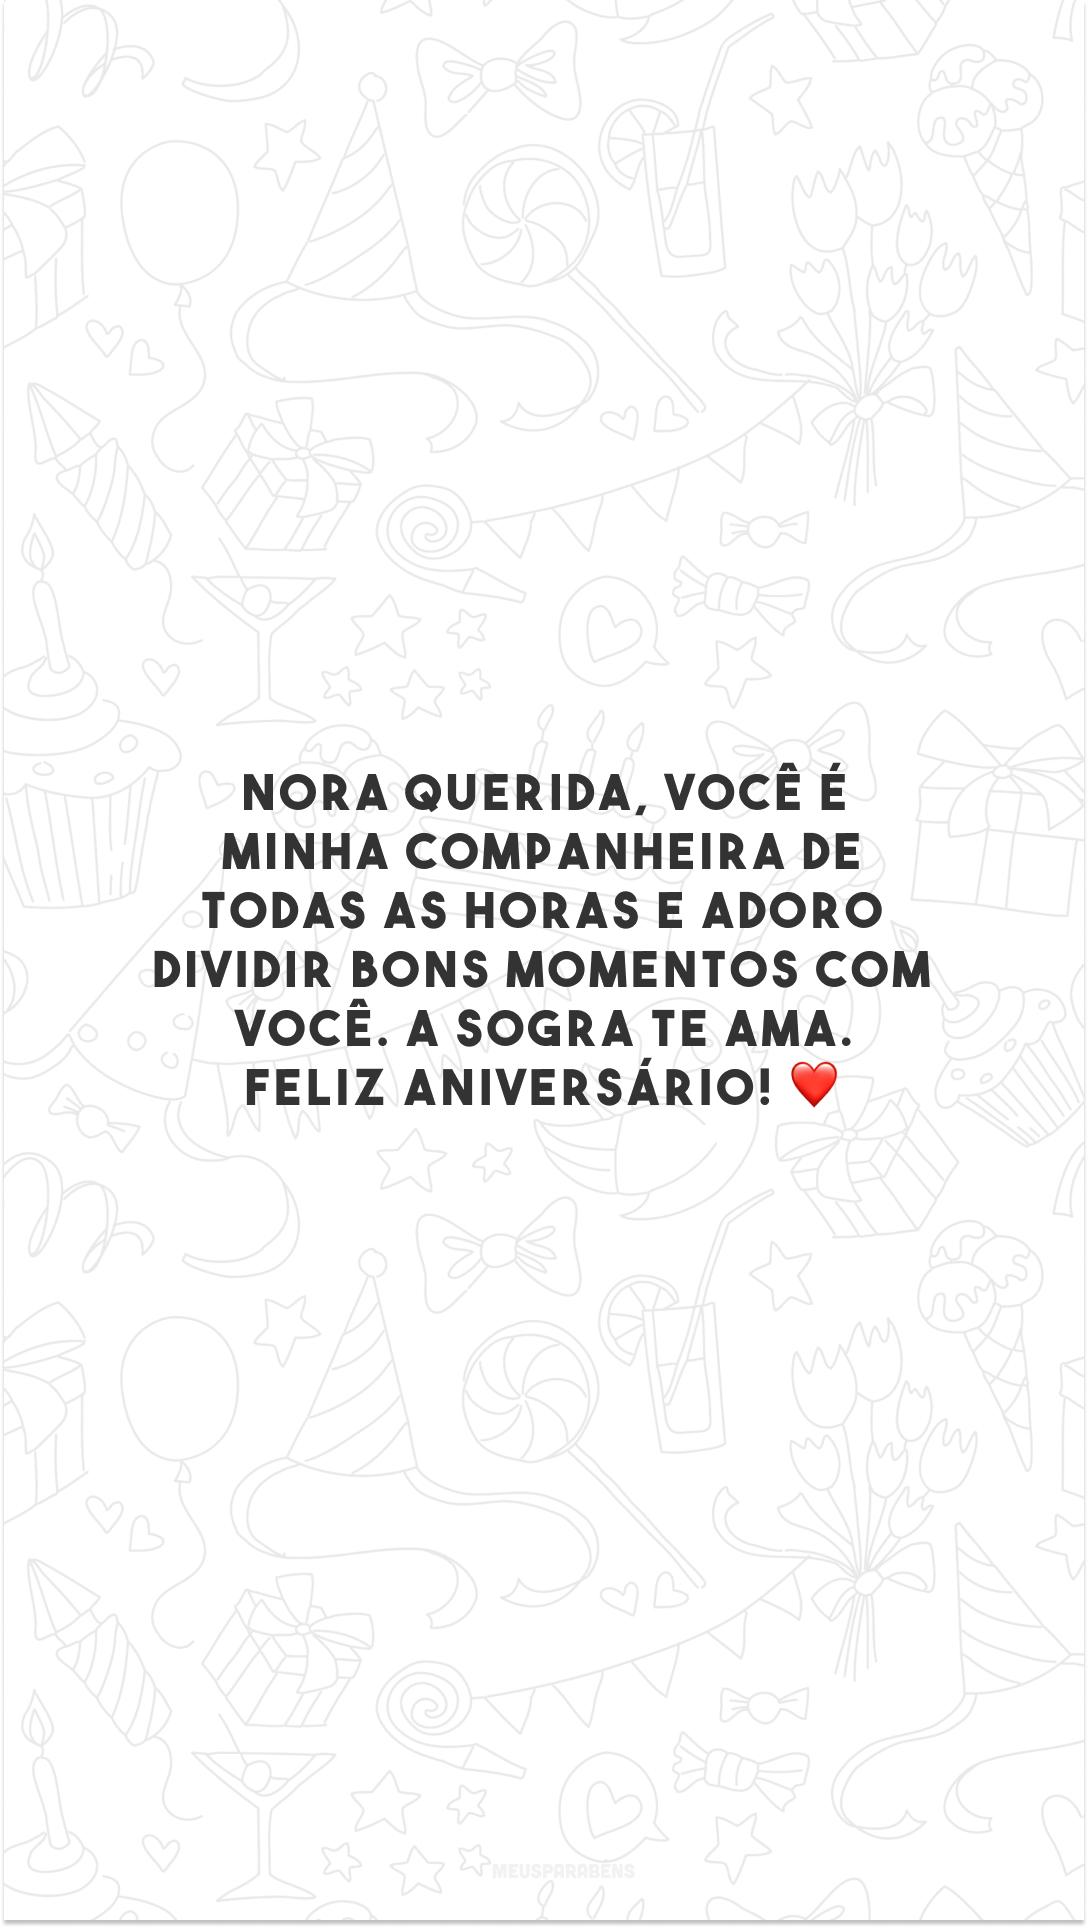 Nora querida, você é minha companheira de todas as horas e adoro dividir bons momentos com você. A sogra te ama. Feliz aniversário! ❤️